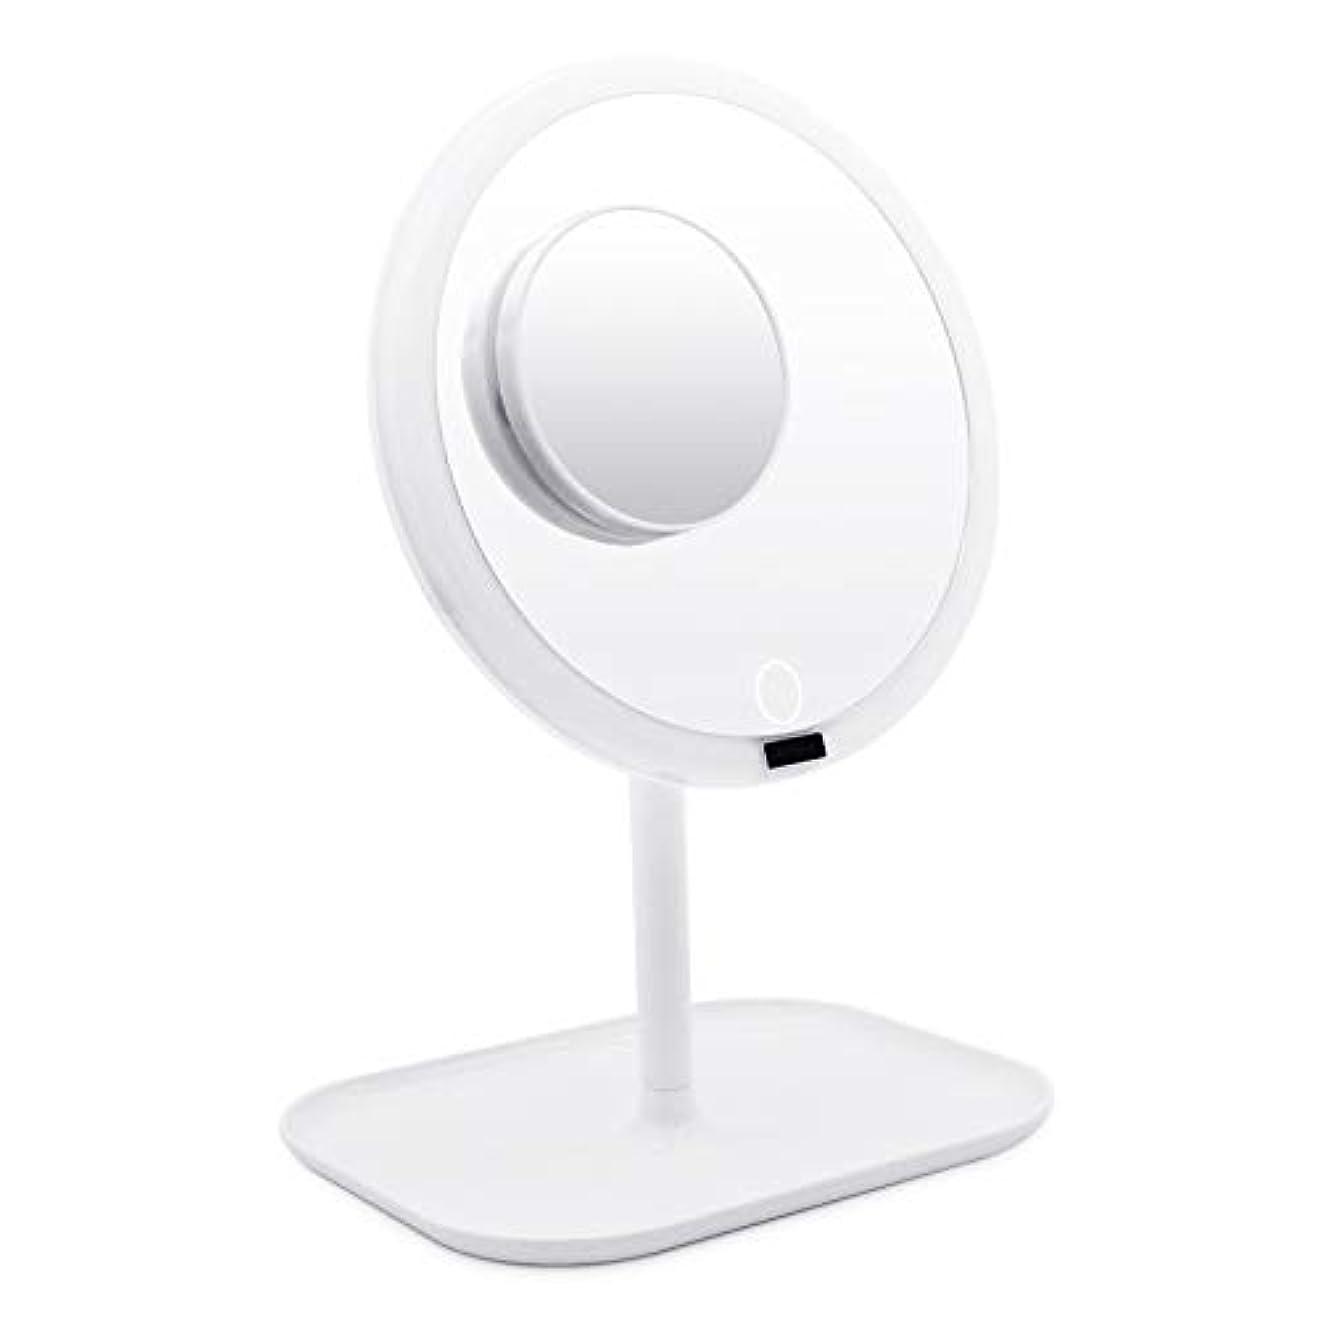 騙す隔離ドキュメンタリーAMZTOLIFE 化粧鏡 鏡 卓上ミラー 女優ミラー スタンドミラー「ledライト付き 人感センサー搭載 無階段明るさ調節可能 360度回転 USB充電式」直径20.3cm …